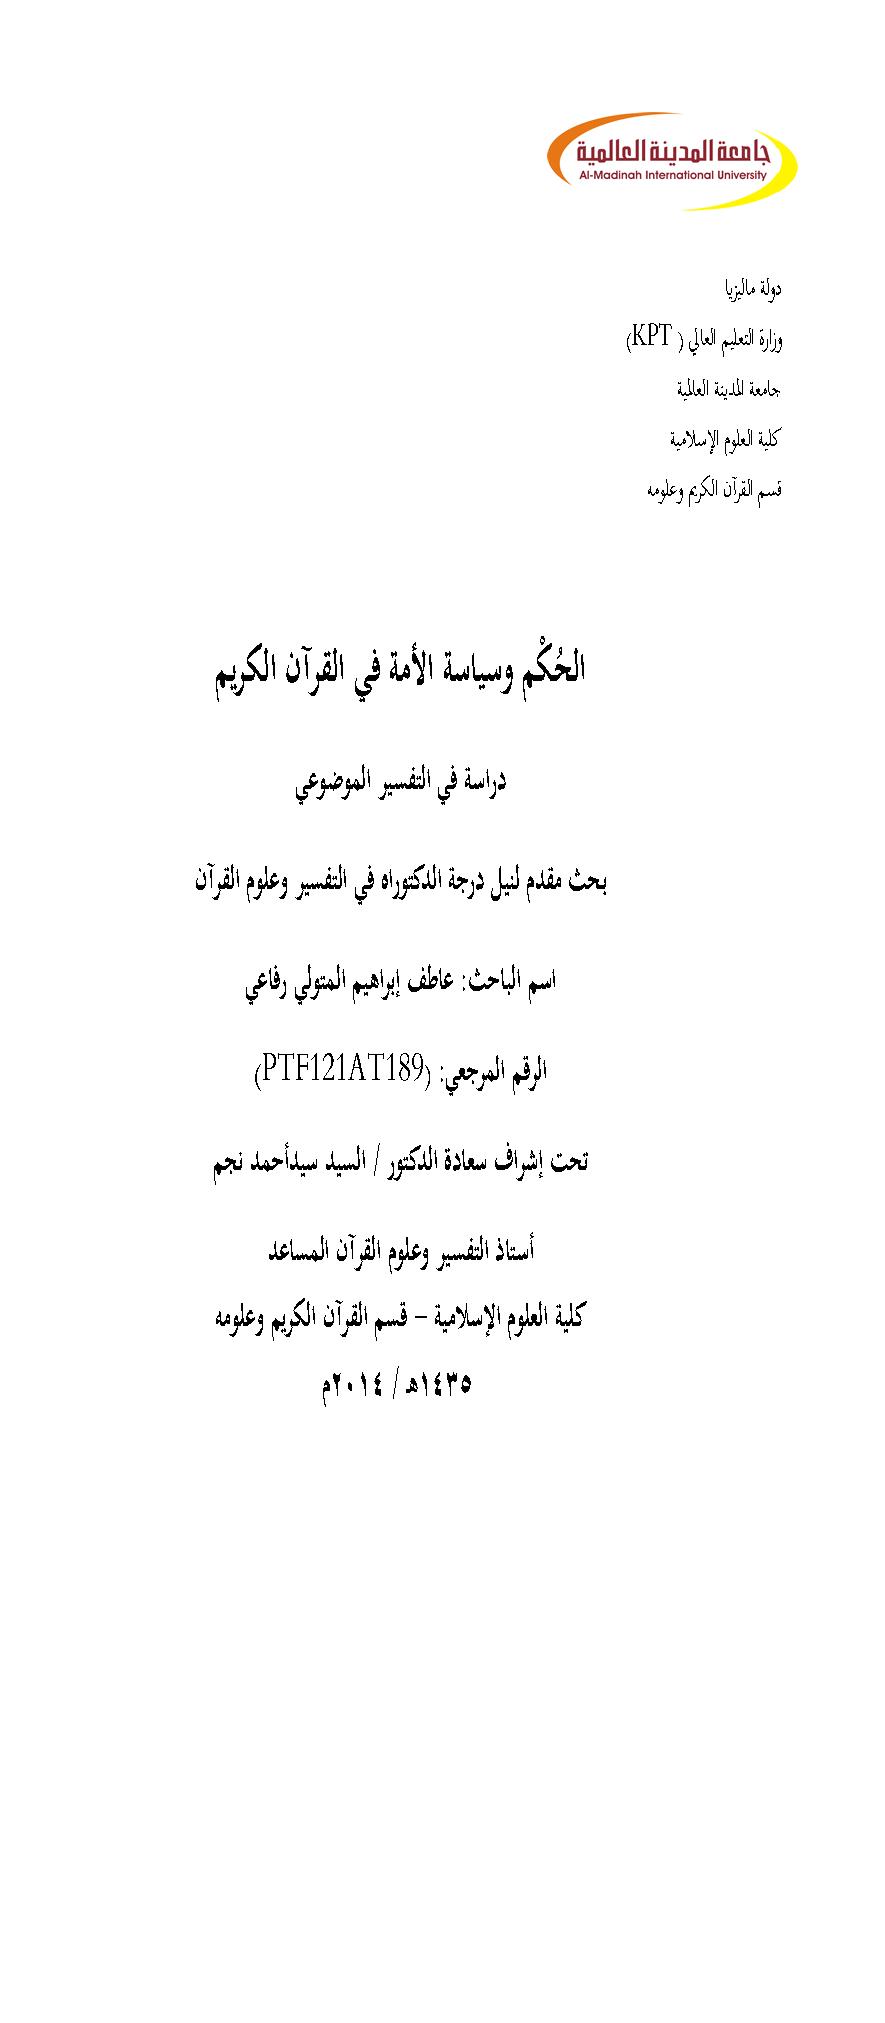 تحميل كتاب الحكم وسياسة الأمة في القرآن الكريم (دراسة في التفسير الموضوعي) لـِ: الدكتور عاطف إبراهيم المتولي رفاعي